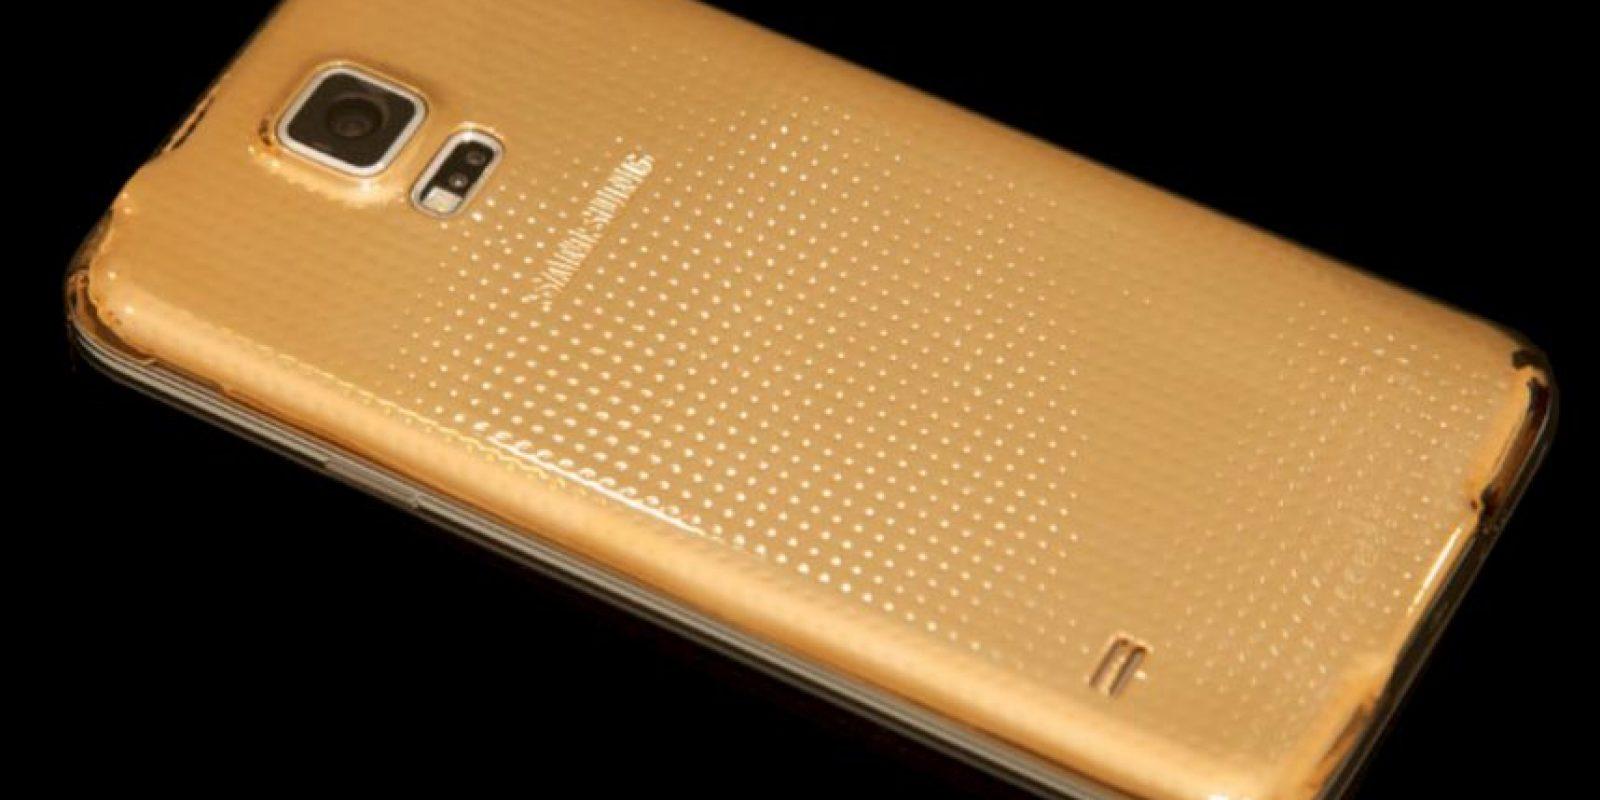 """Así lucirá el Samsung Galaxy S6 después de ser """"enchulado"""". Foto:goldgenie.com"""